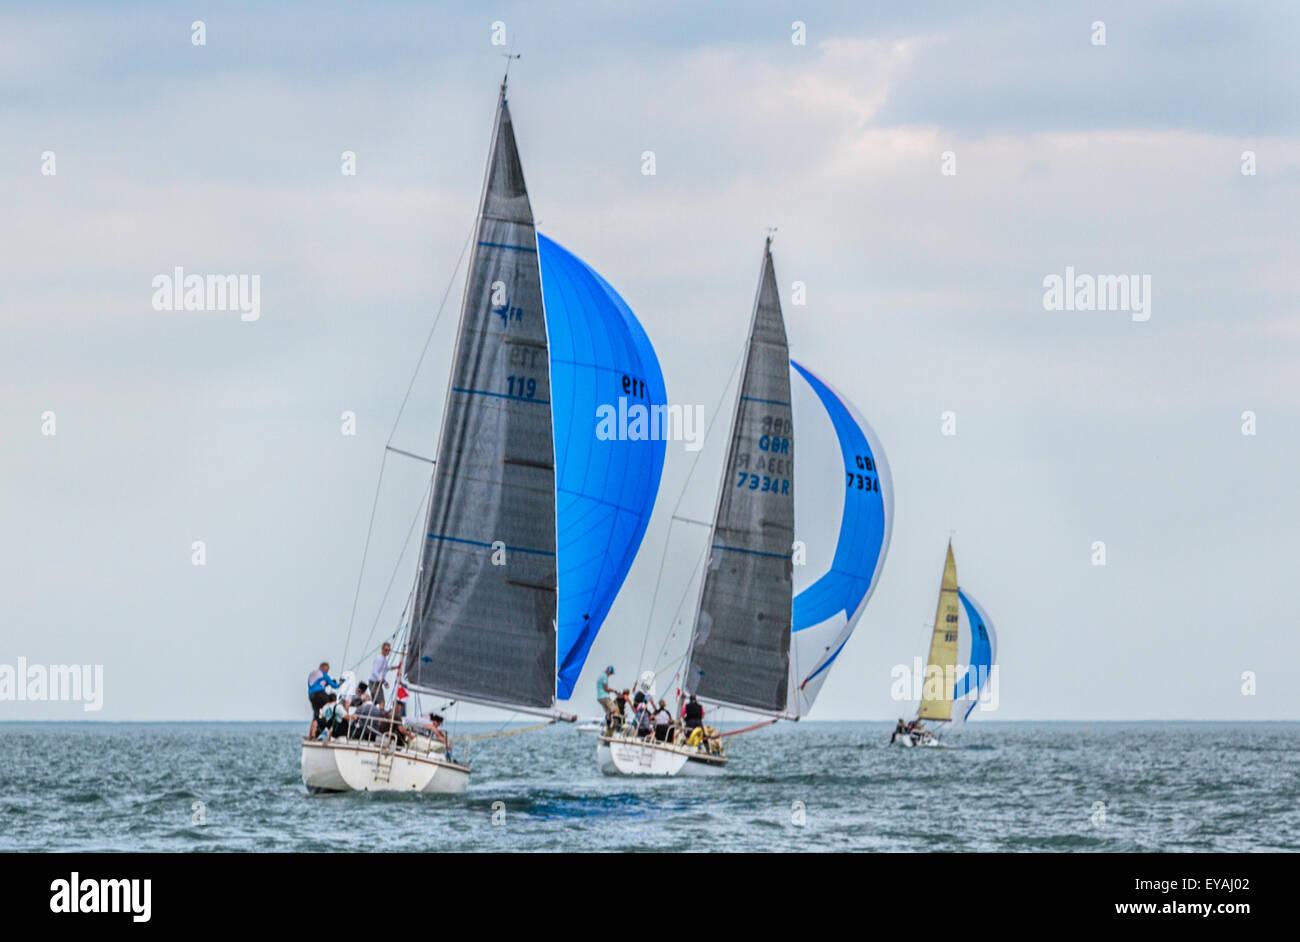 Cardigan Bay sailing yacht regatta - Stock Image